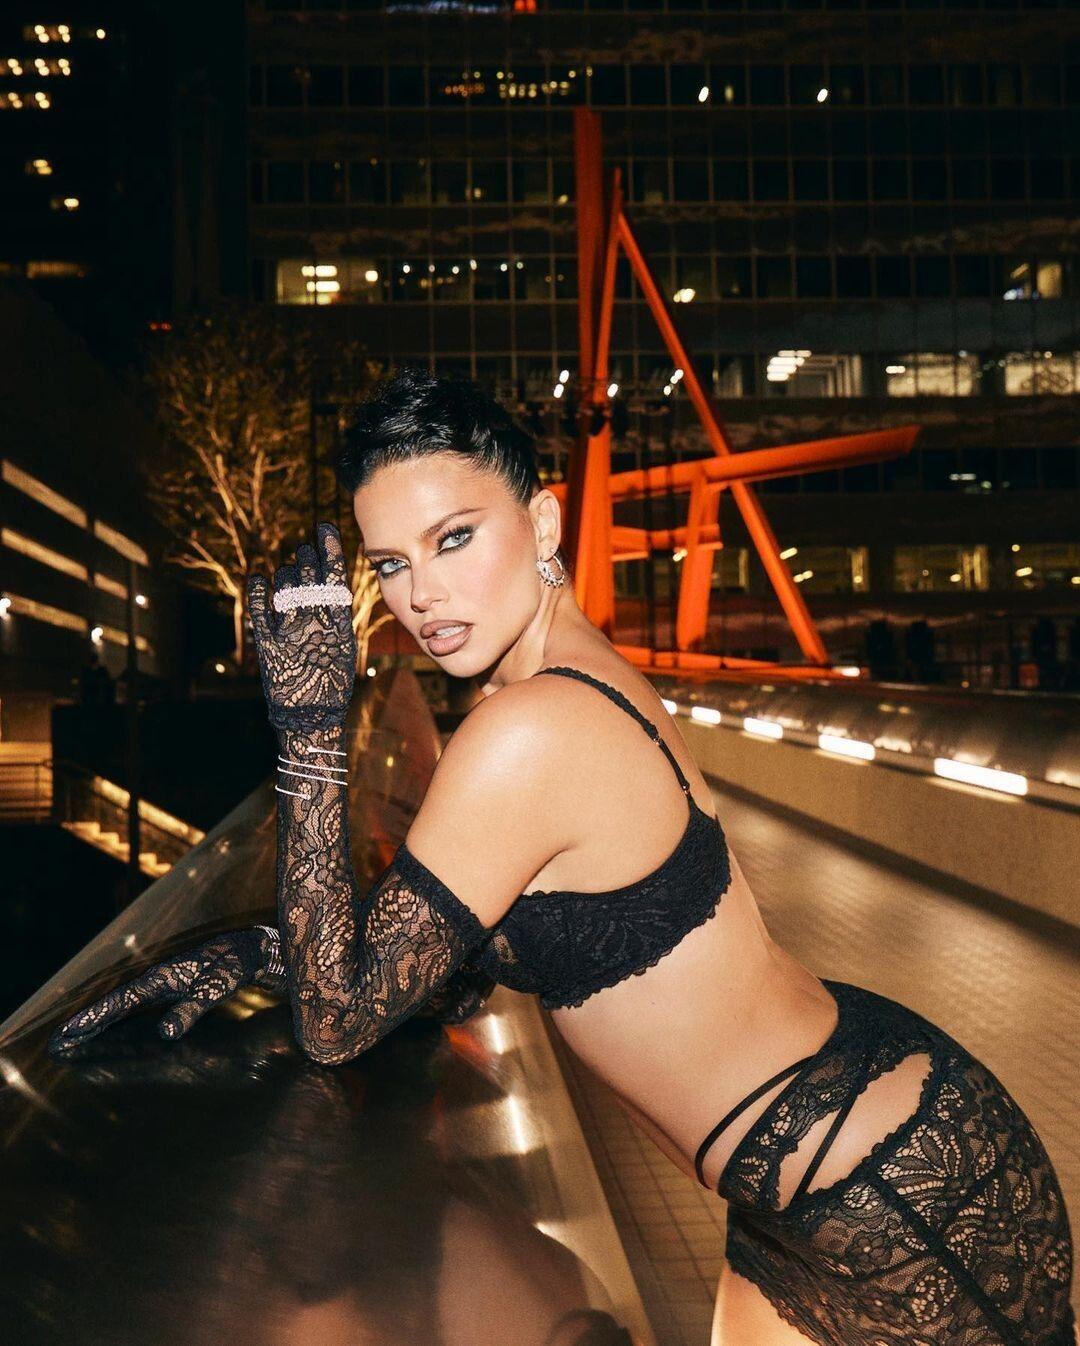 Victoria's Secret fecha lojas e Savage x Fenty abre-as: a era da lingerie